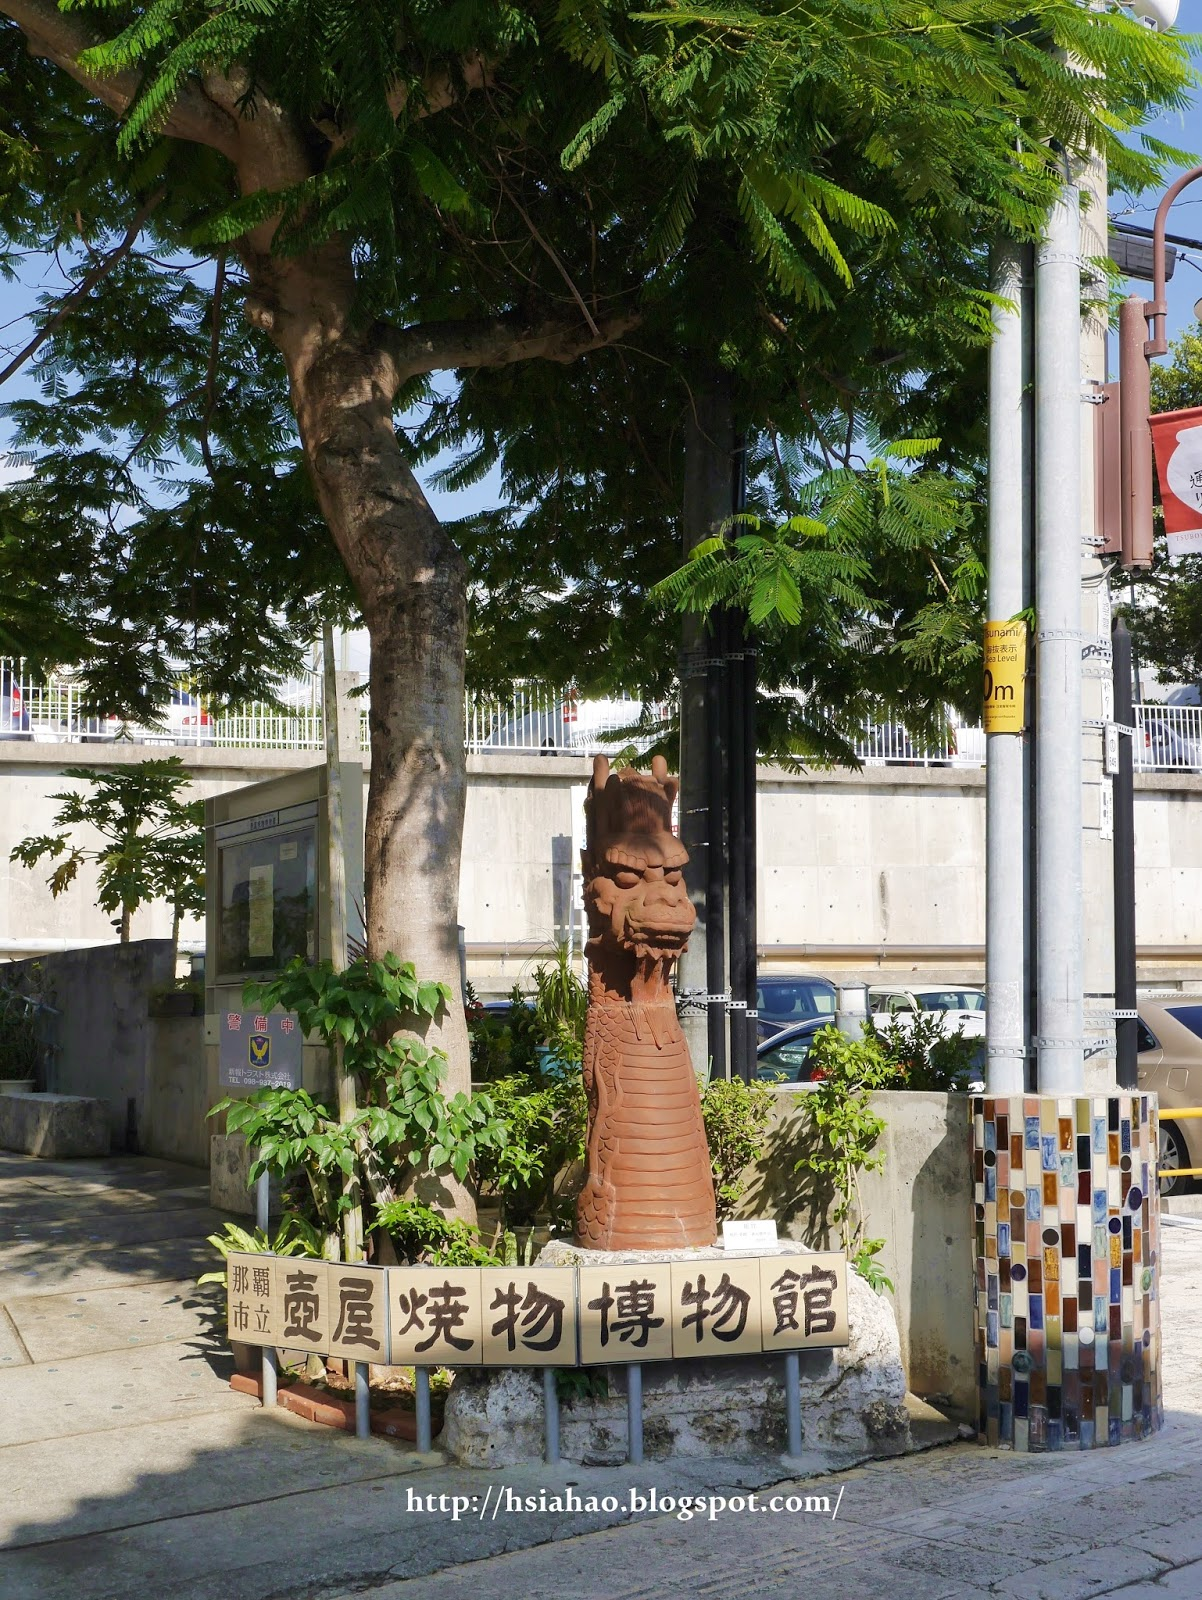 沖繩-那霸市立壺屋燒物博物館-國際通-景點-自由行-Okinawa-Naha-Municipal-Tsuboya-pottery-Museum